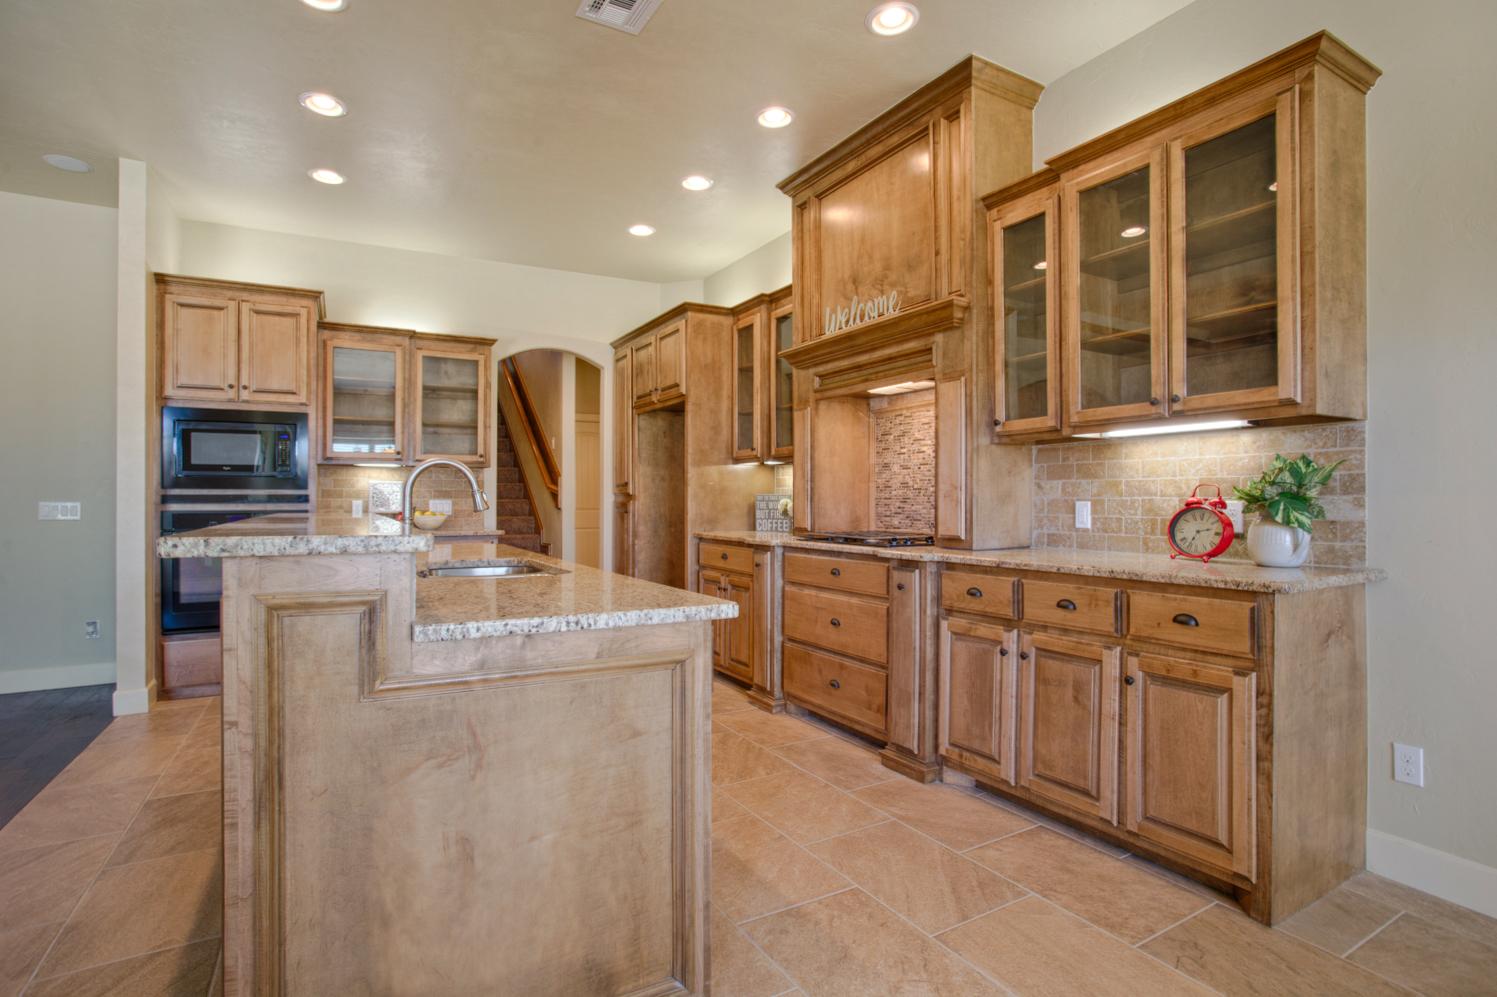 Daybright Kitchen 2.jpg